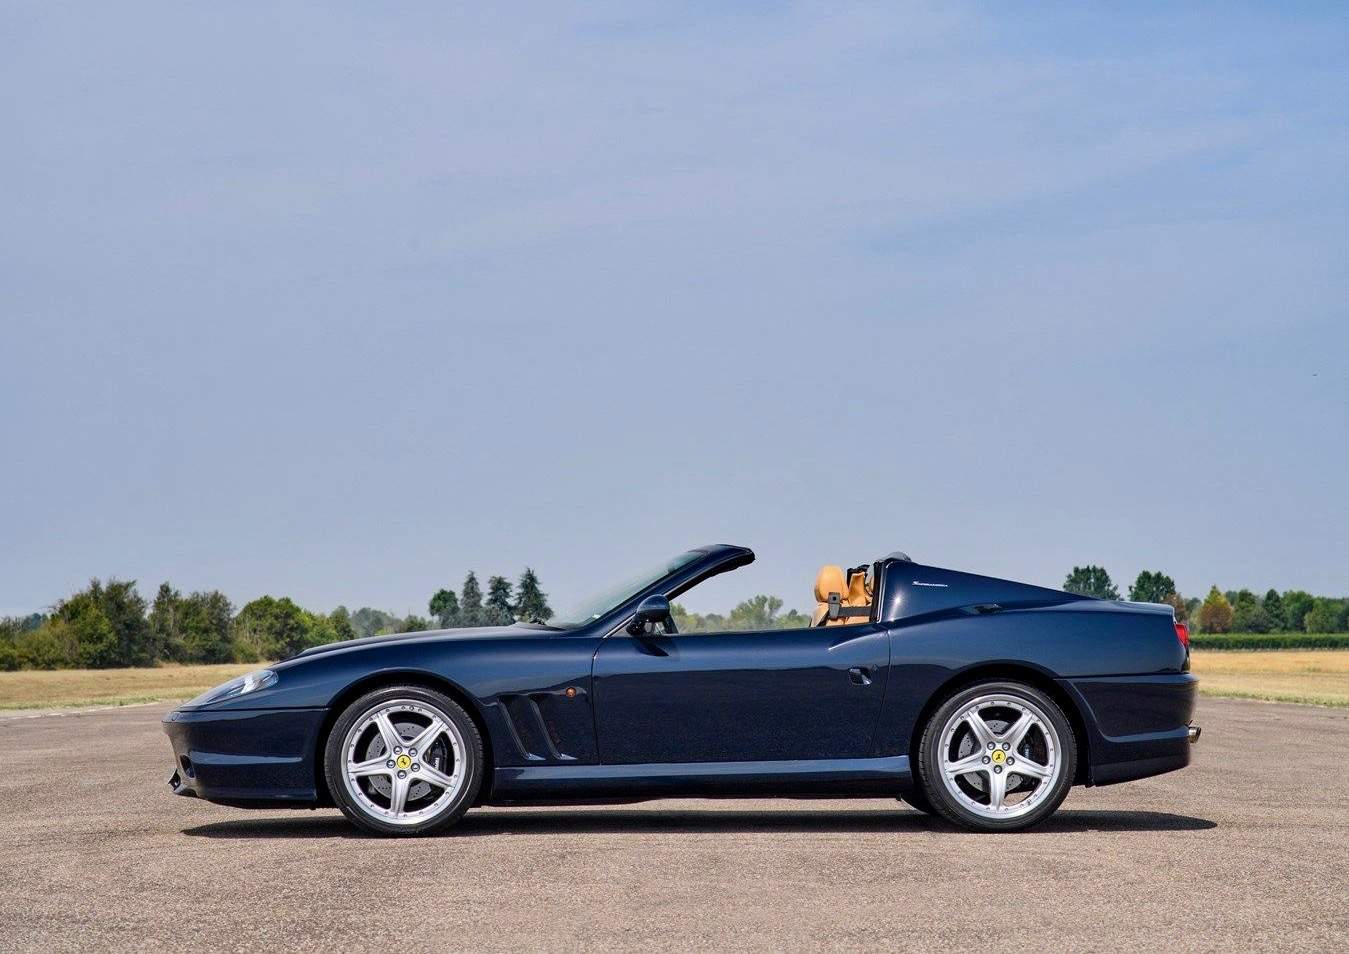 Le Monde Edmond Ferrari 575m Superamerica